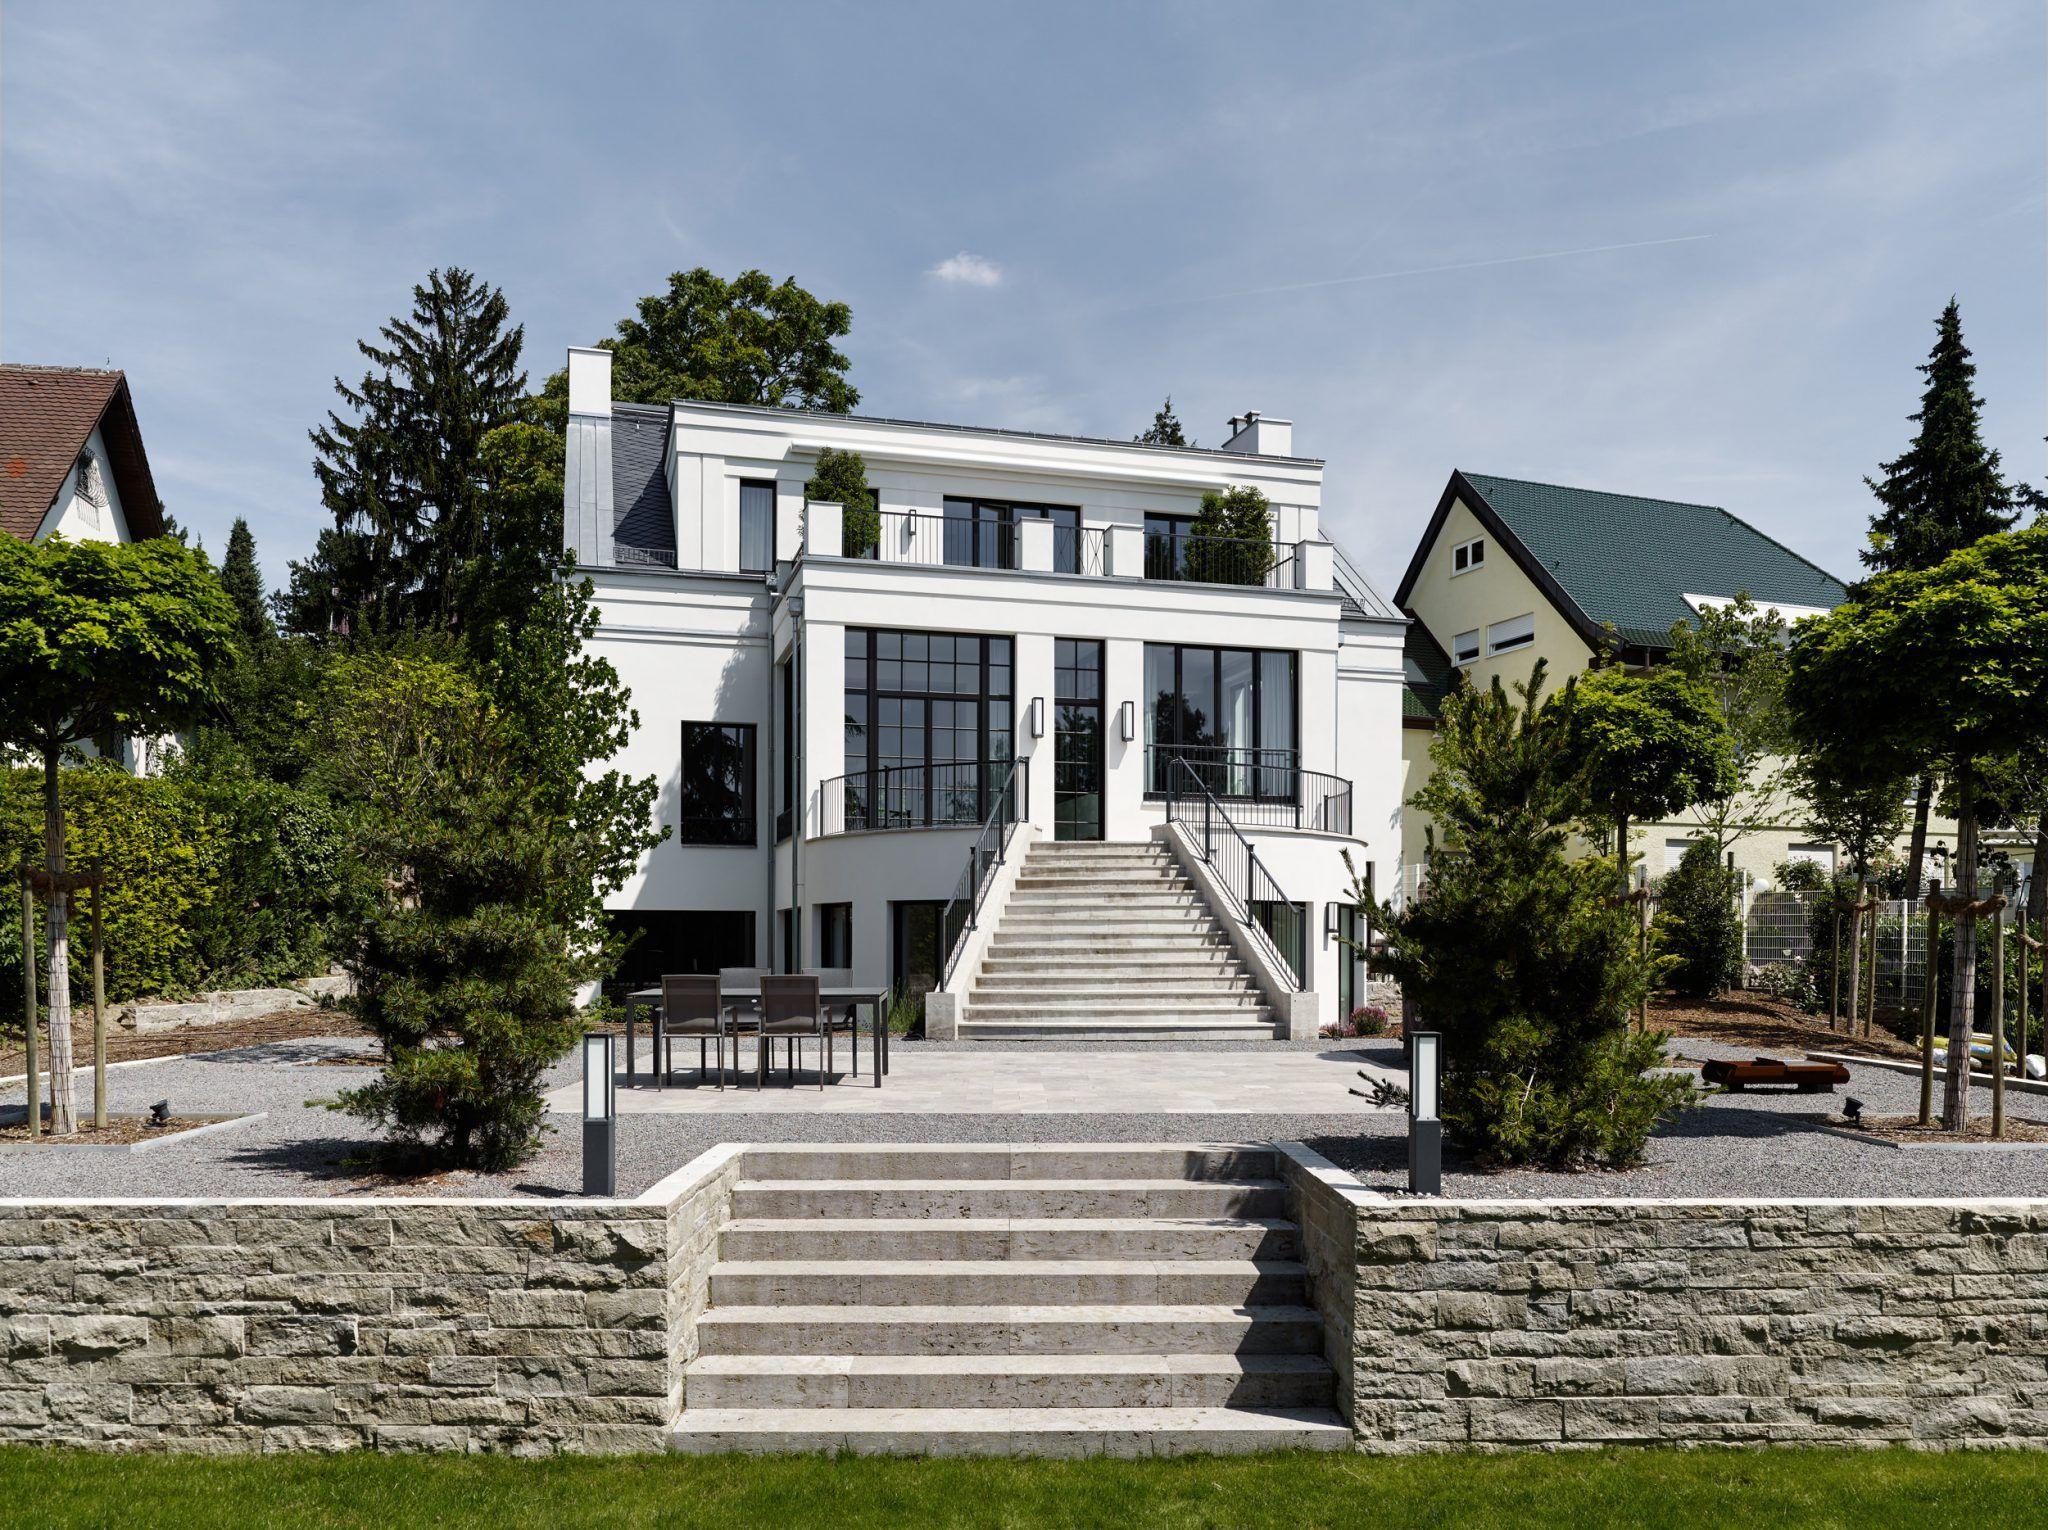 haus k kahlfeldt architekten haus pinterest. Black Bedroom Furniture Sets. Home Design Ideas